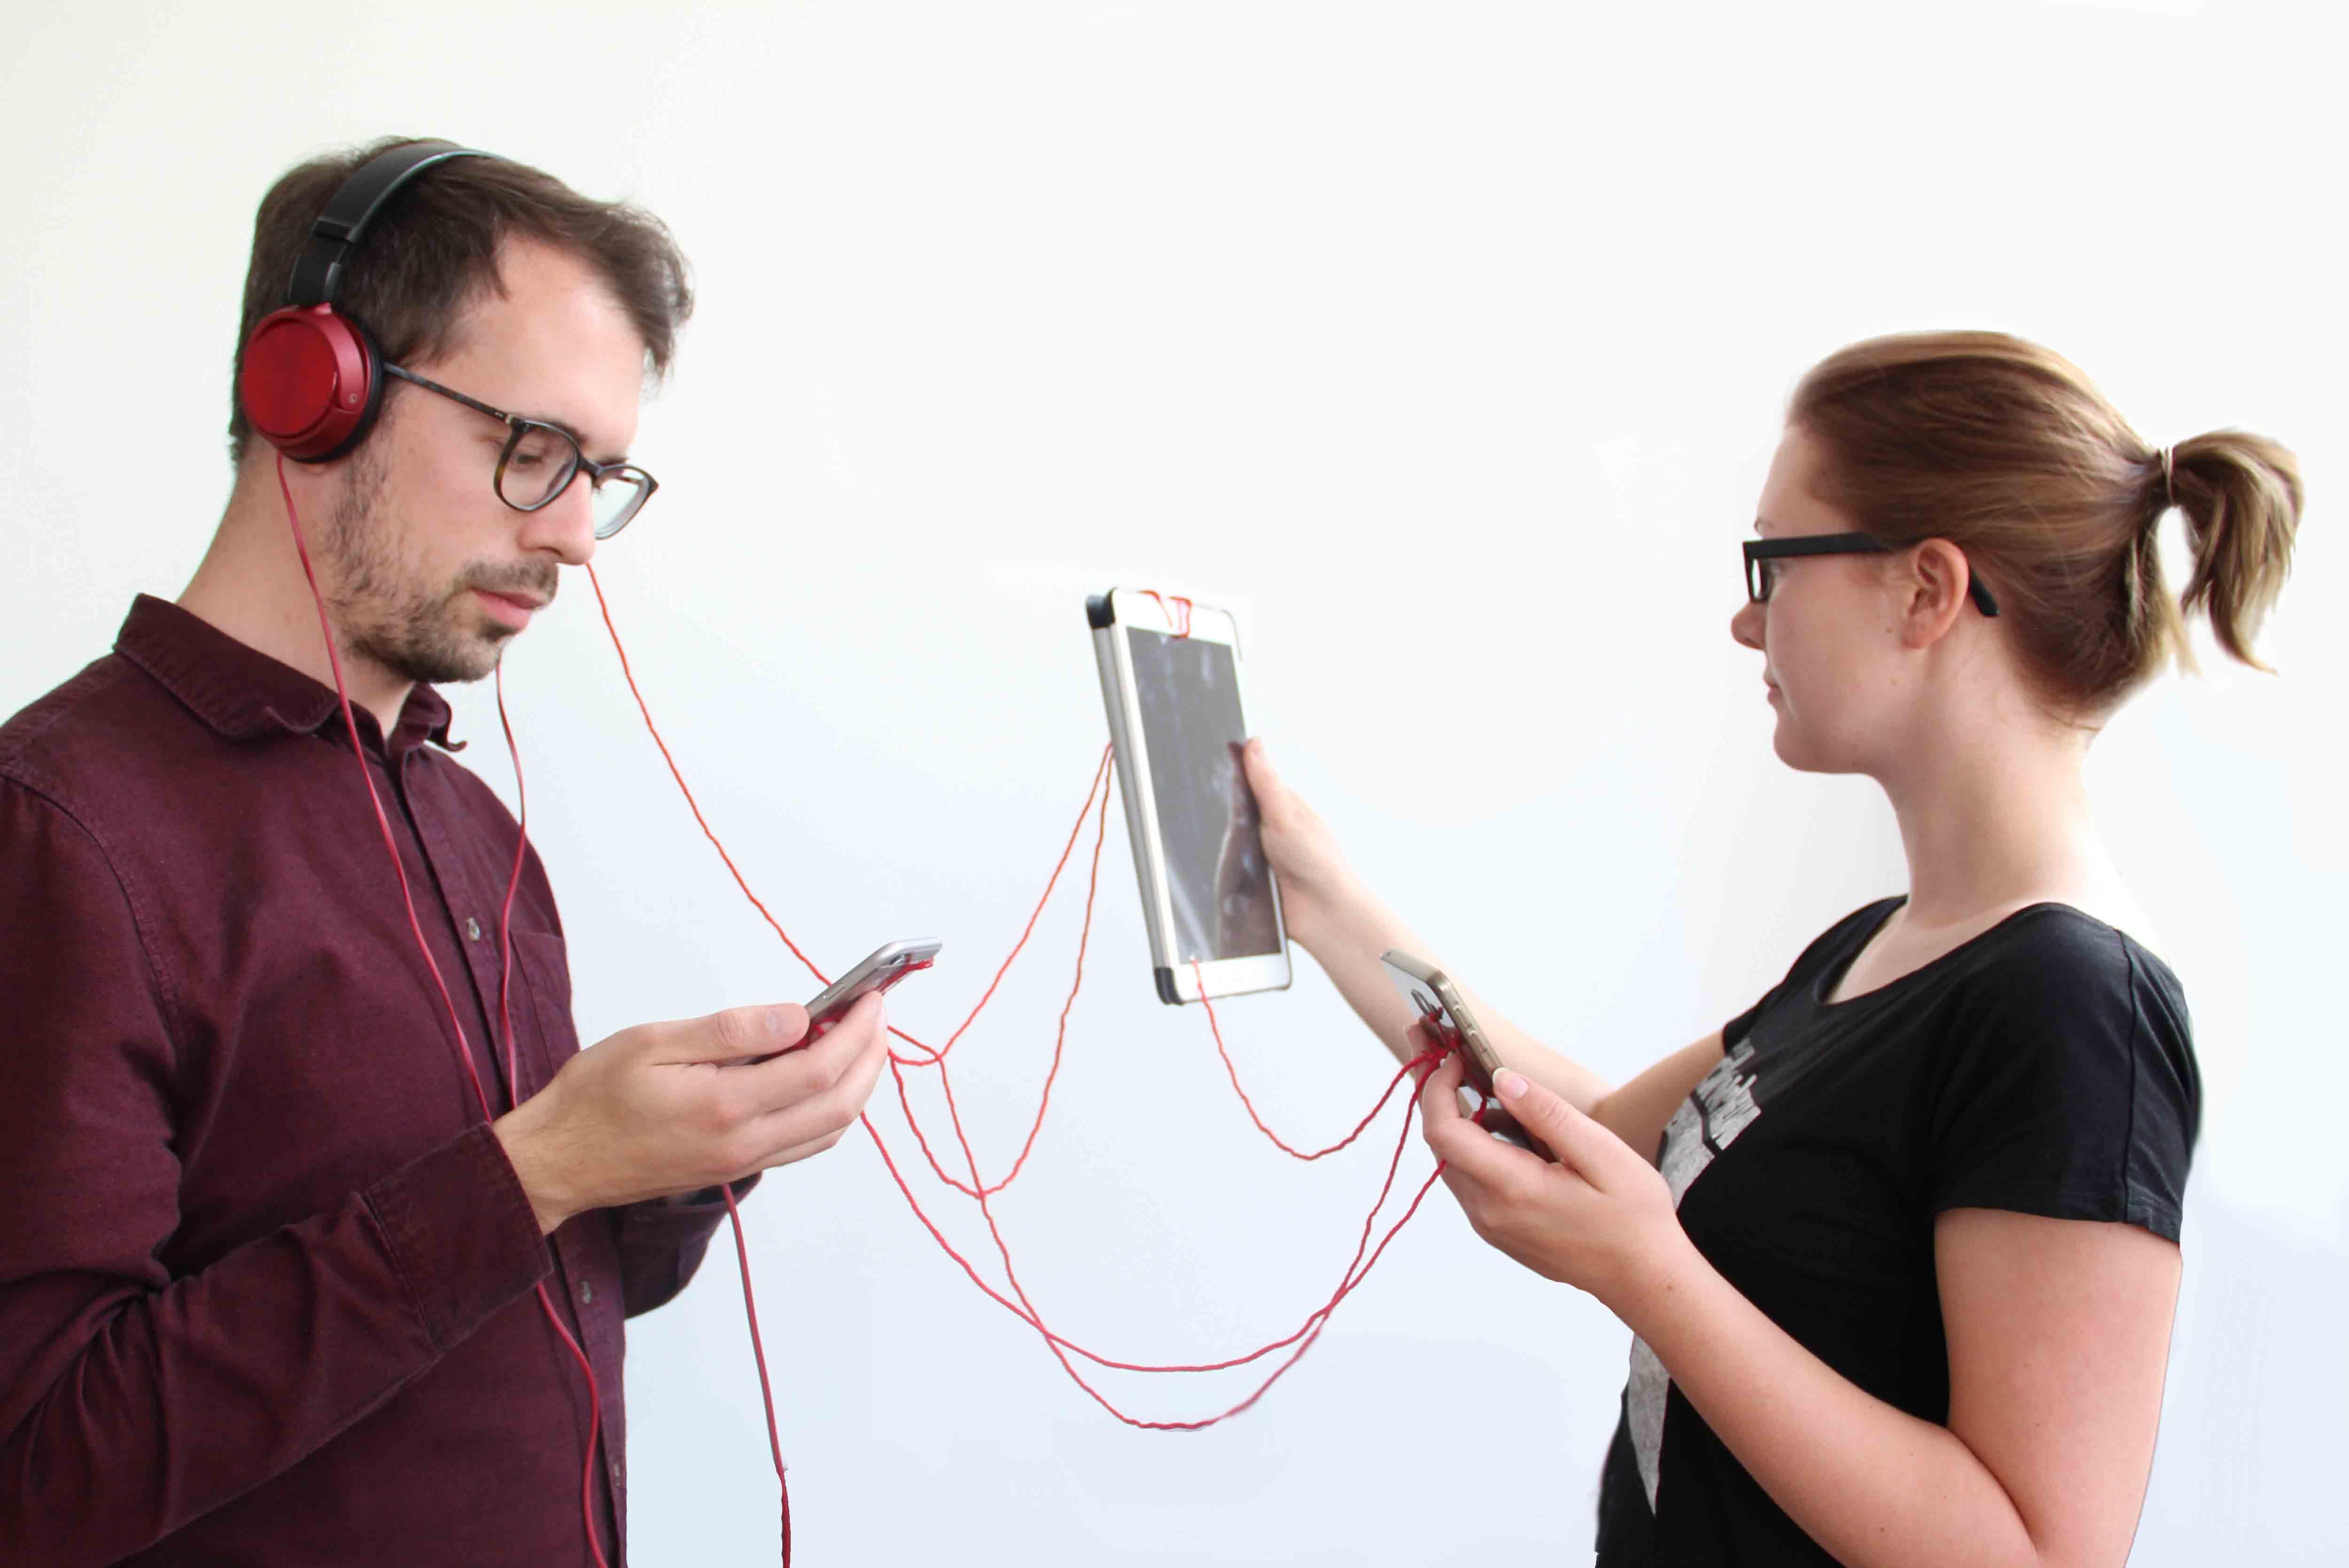 Zwei Menschen sind mit mehreren Geräten mit einem roten Faden verbunden.